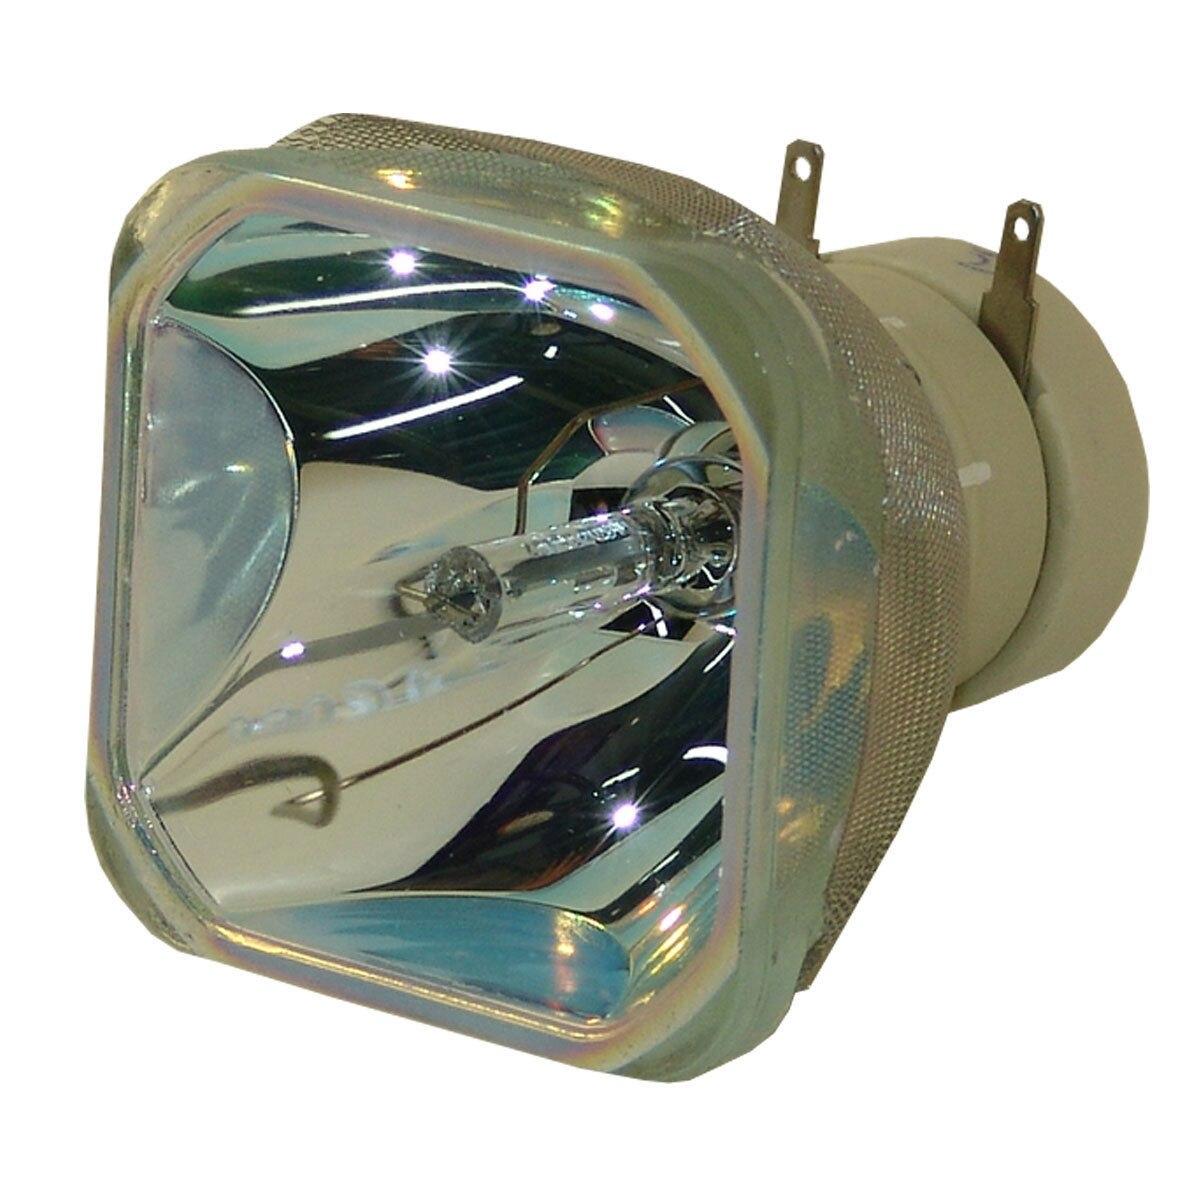 Compatible Bare Bulbs POA-LMP132 POALMP132 LMP132 for SANYO PLC-200 PLC-XE33 PLC-XR201 PLC-XR251 PLC-XR271C Projector Lamp Bulb compatible projector lamp bulbs poa lmp136 lmp136 for sanyo plc xm150 plc wm5500 plc zm5000 lp wm5500 lp zm5000